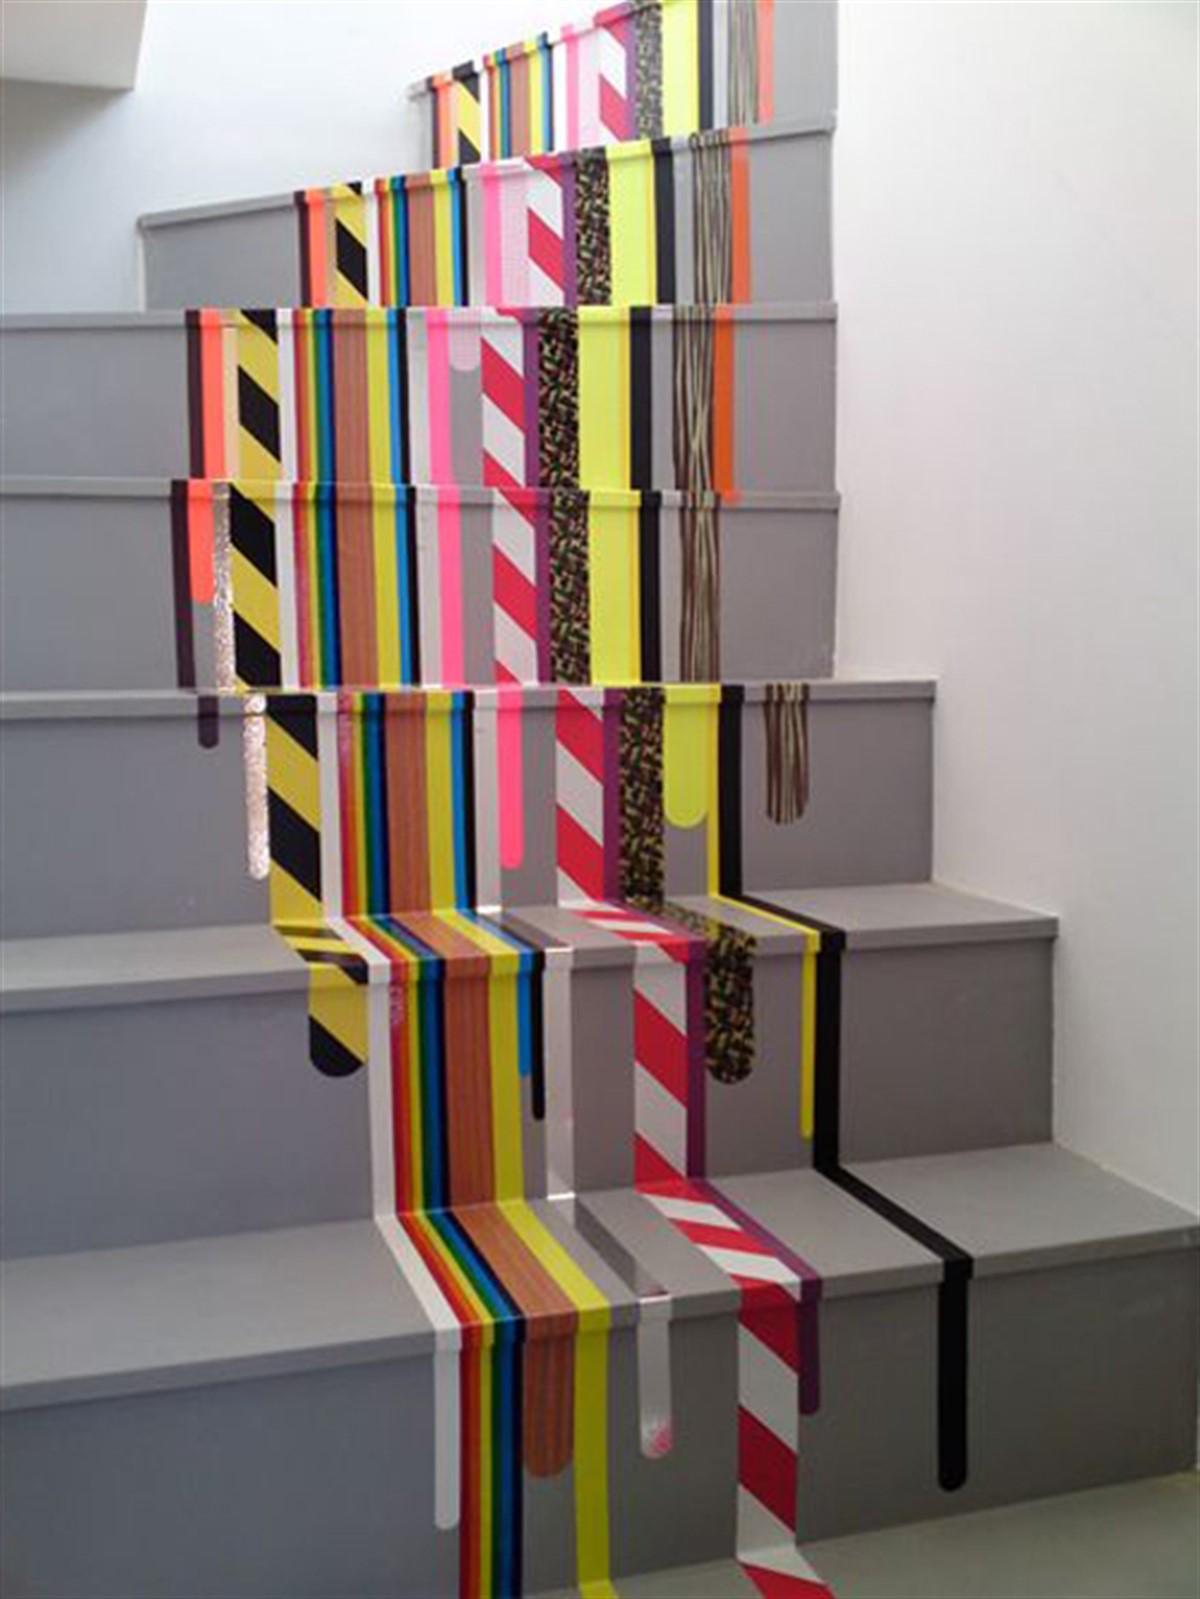 Avant de repeindre l'escalier, éliminez toute peinture écaillée avec un couteau à mastic.